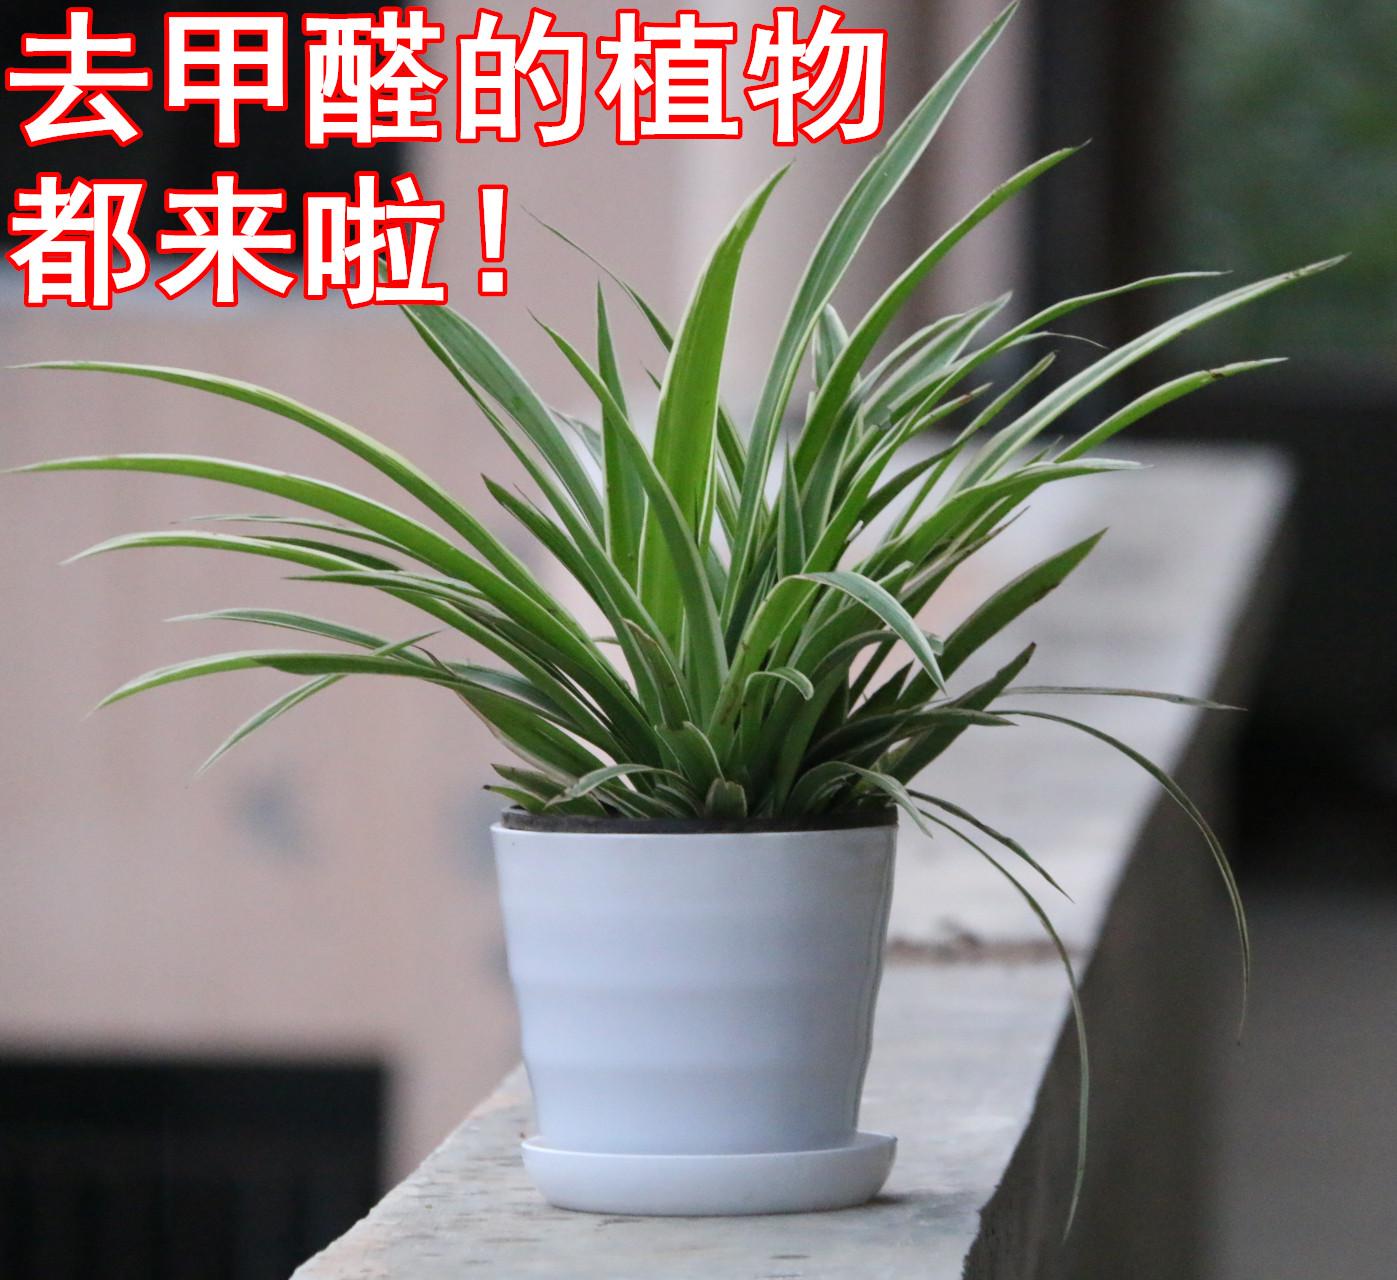 素]水仙花矮壮素怎么用评测 矮壮素的副作用图